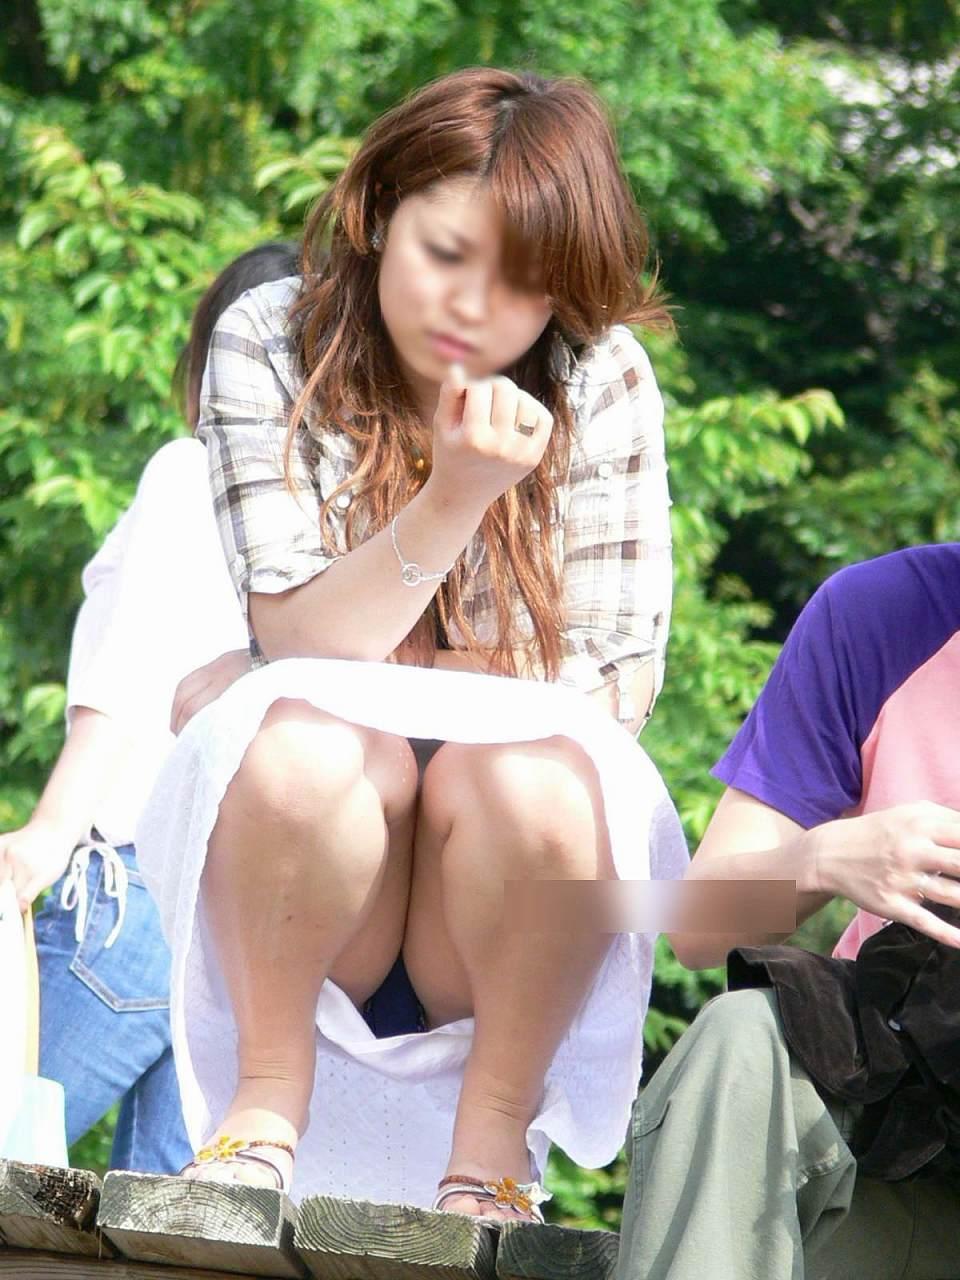 【パンチラエロ画像】ケツが熱くなりそうなところで座りチラする人々(;^ω^)